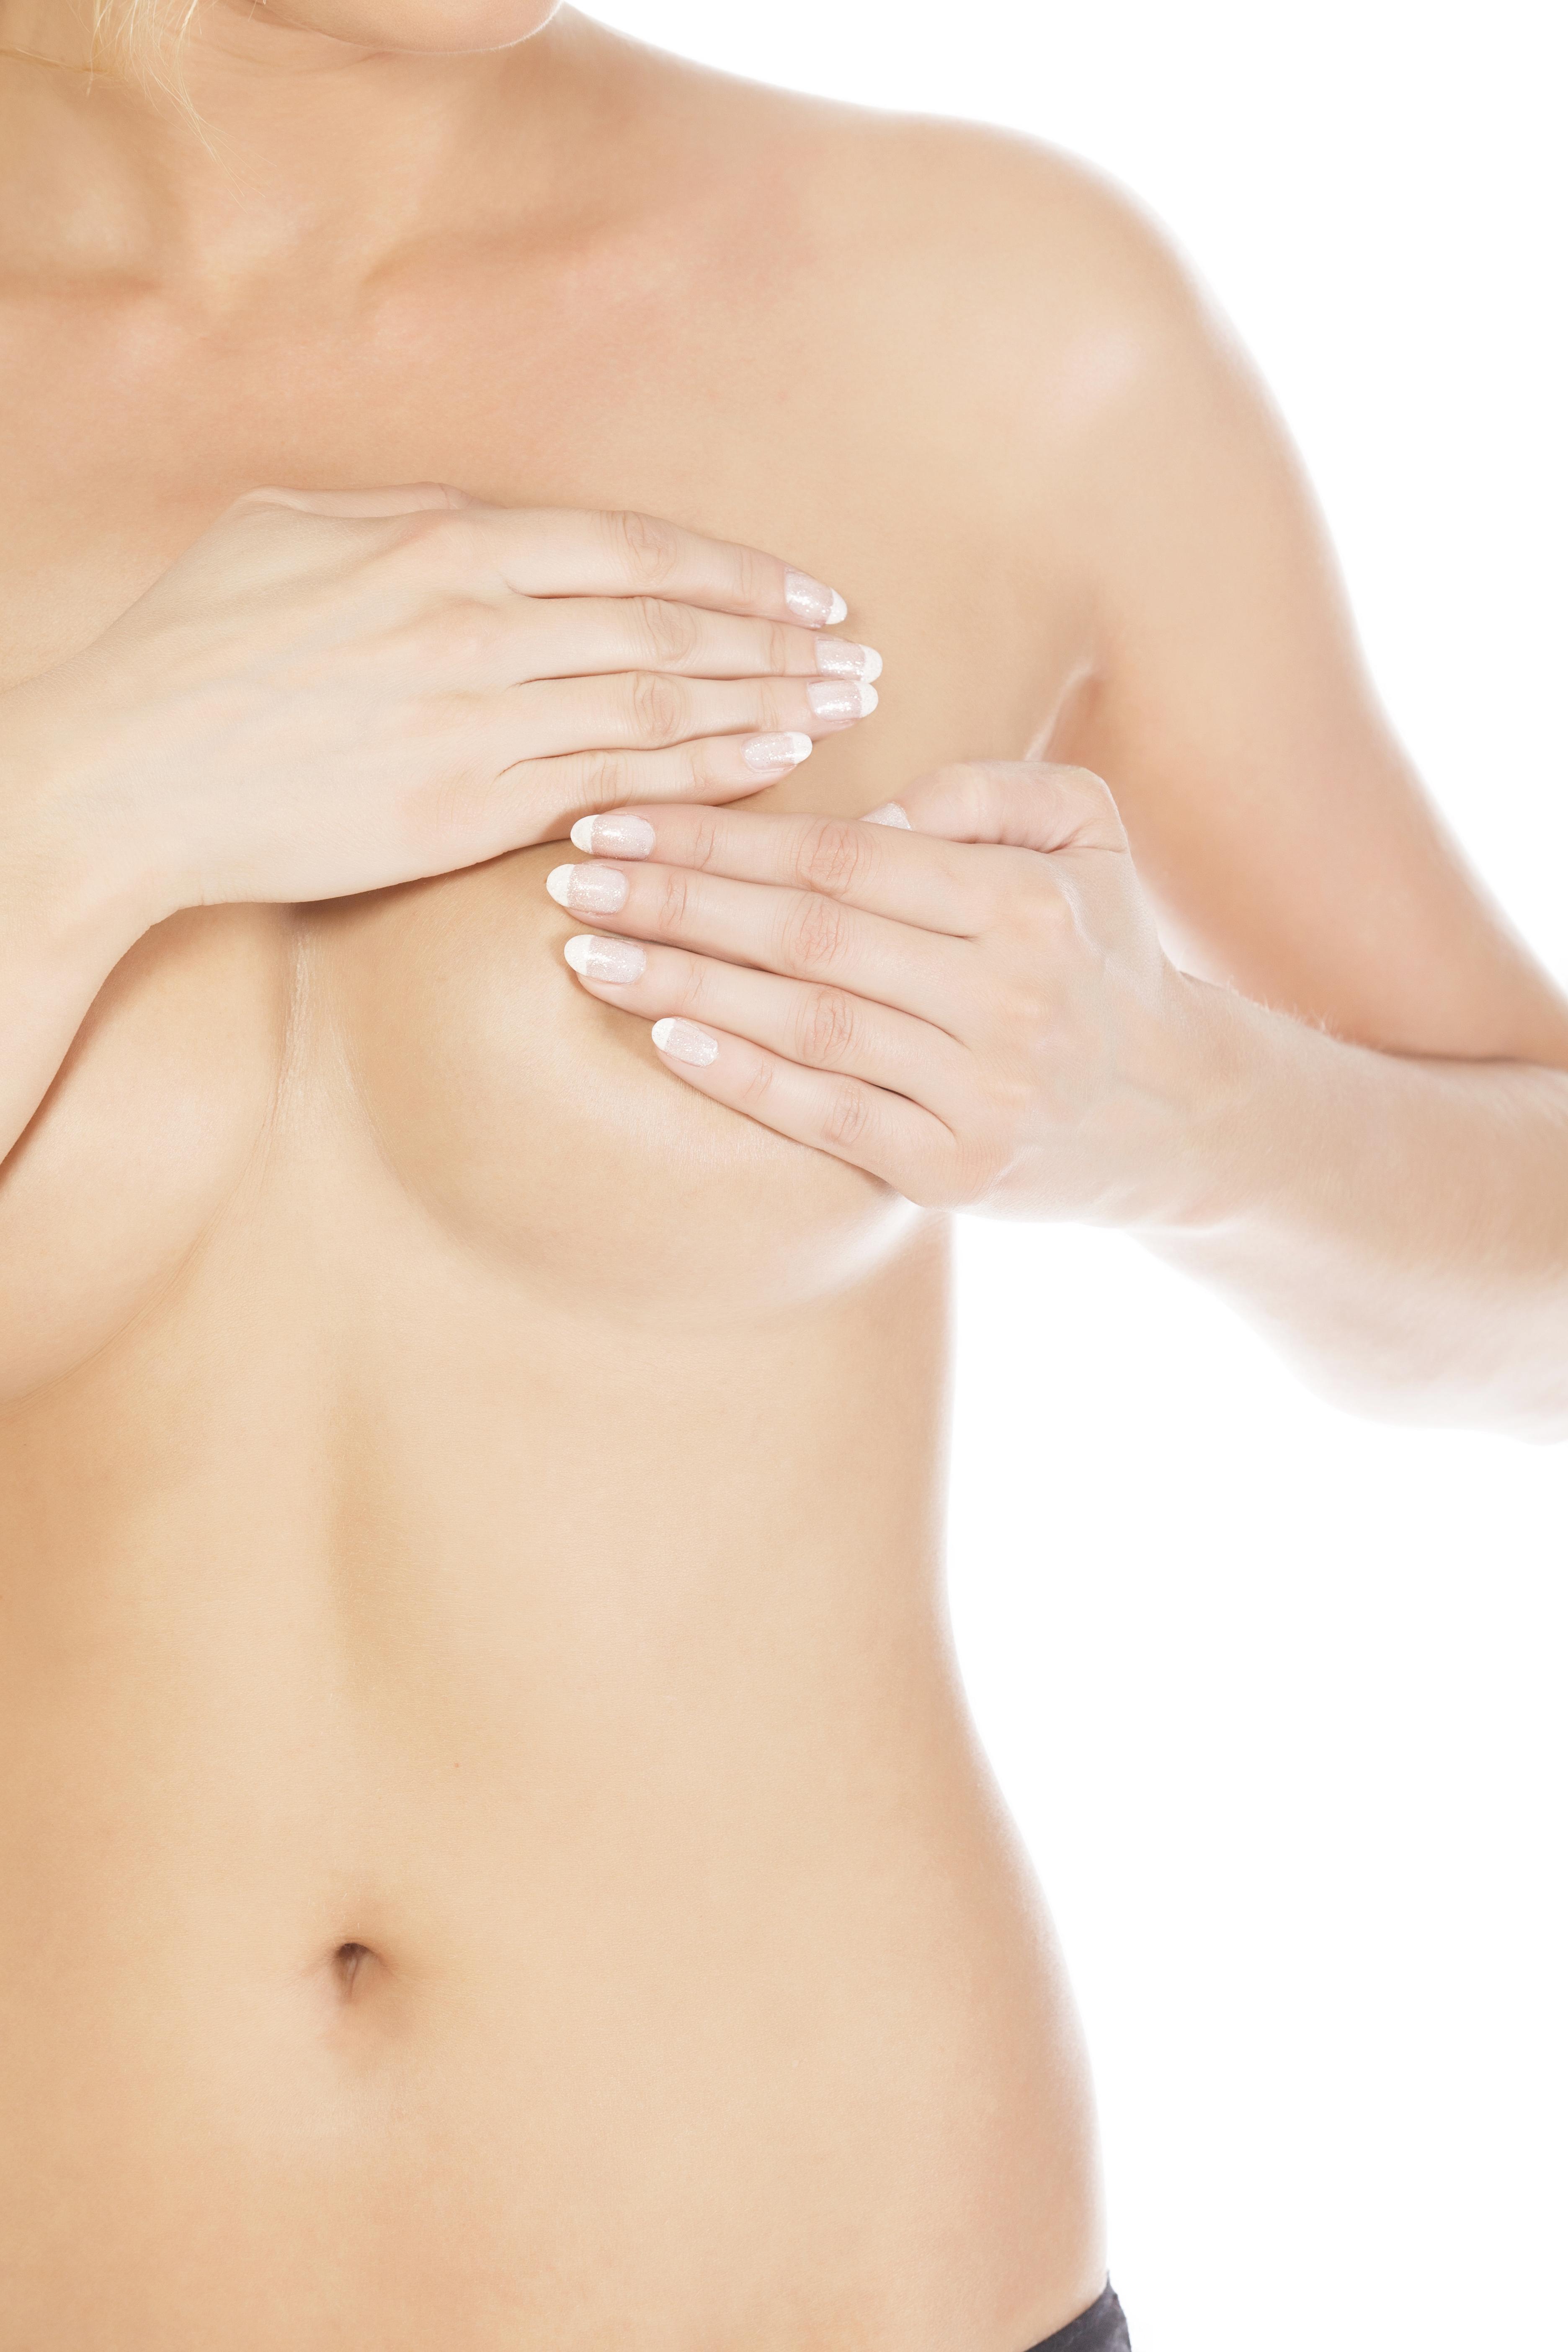 Facebook sex hookups små bröst